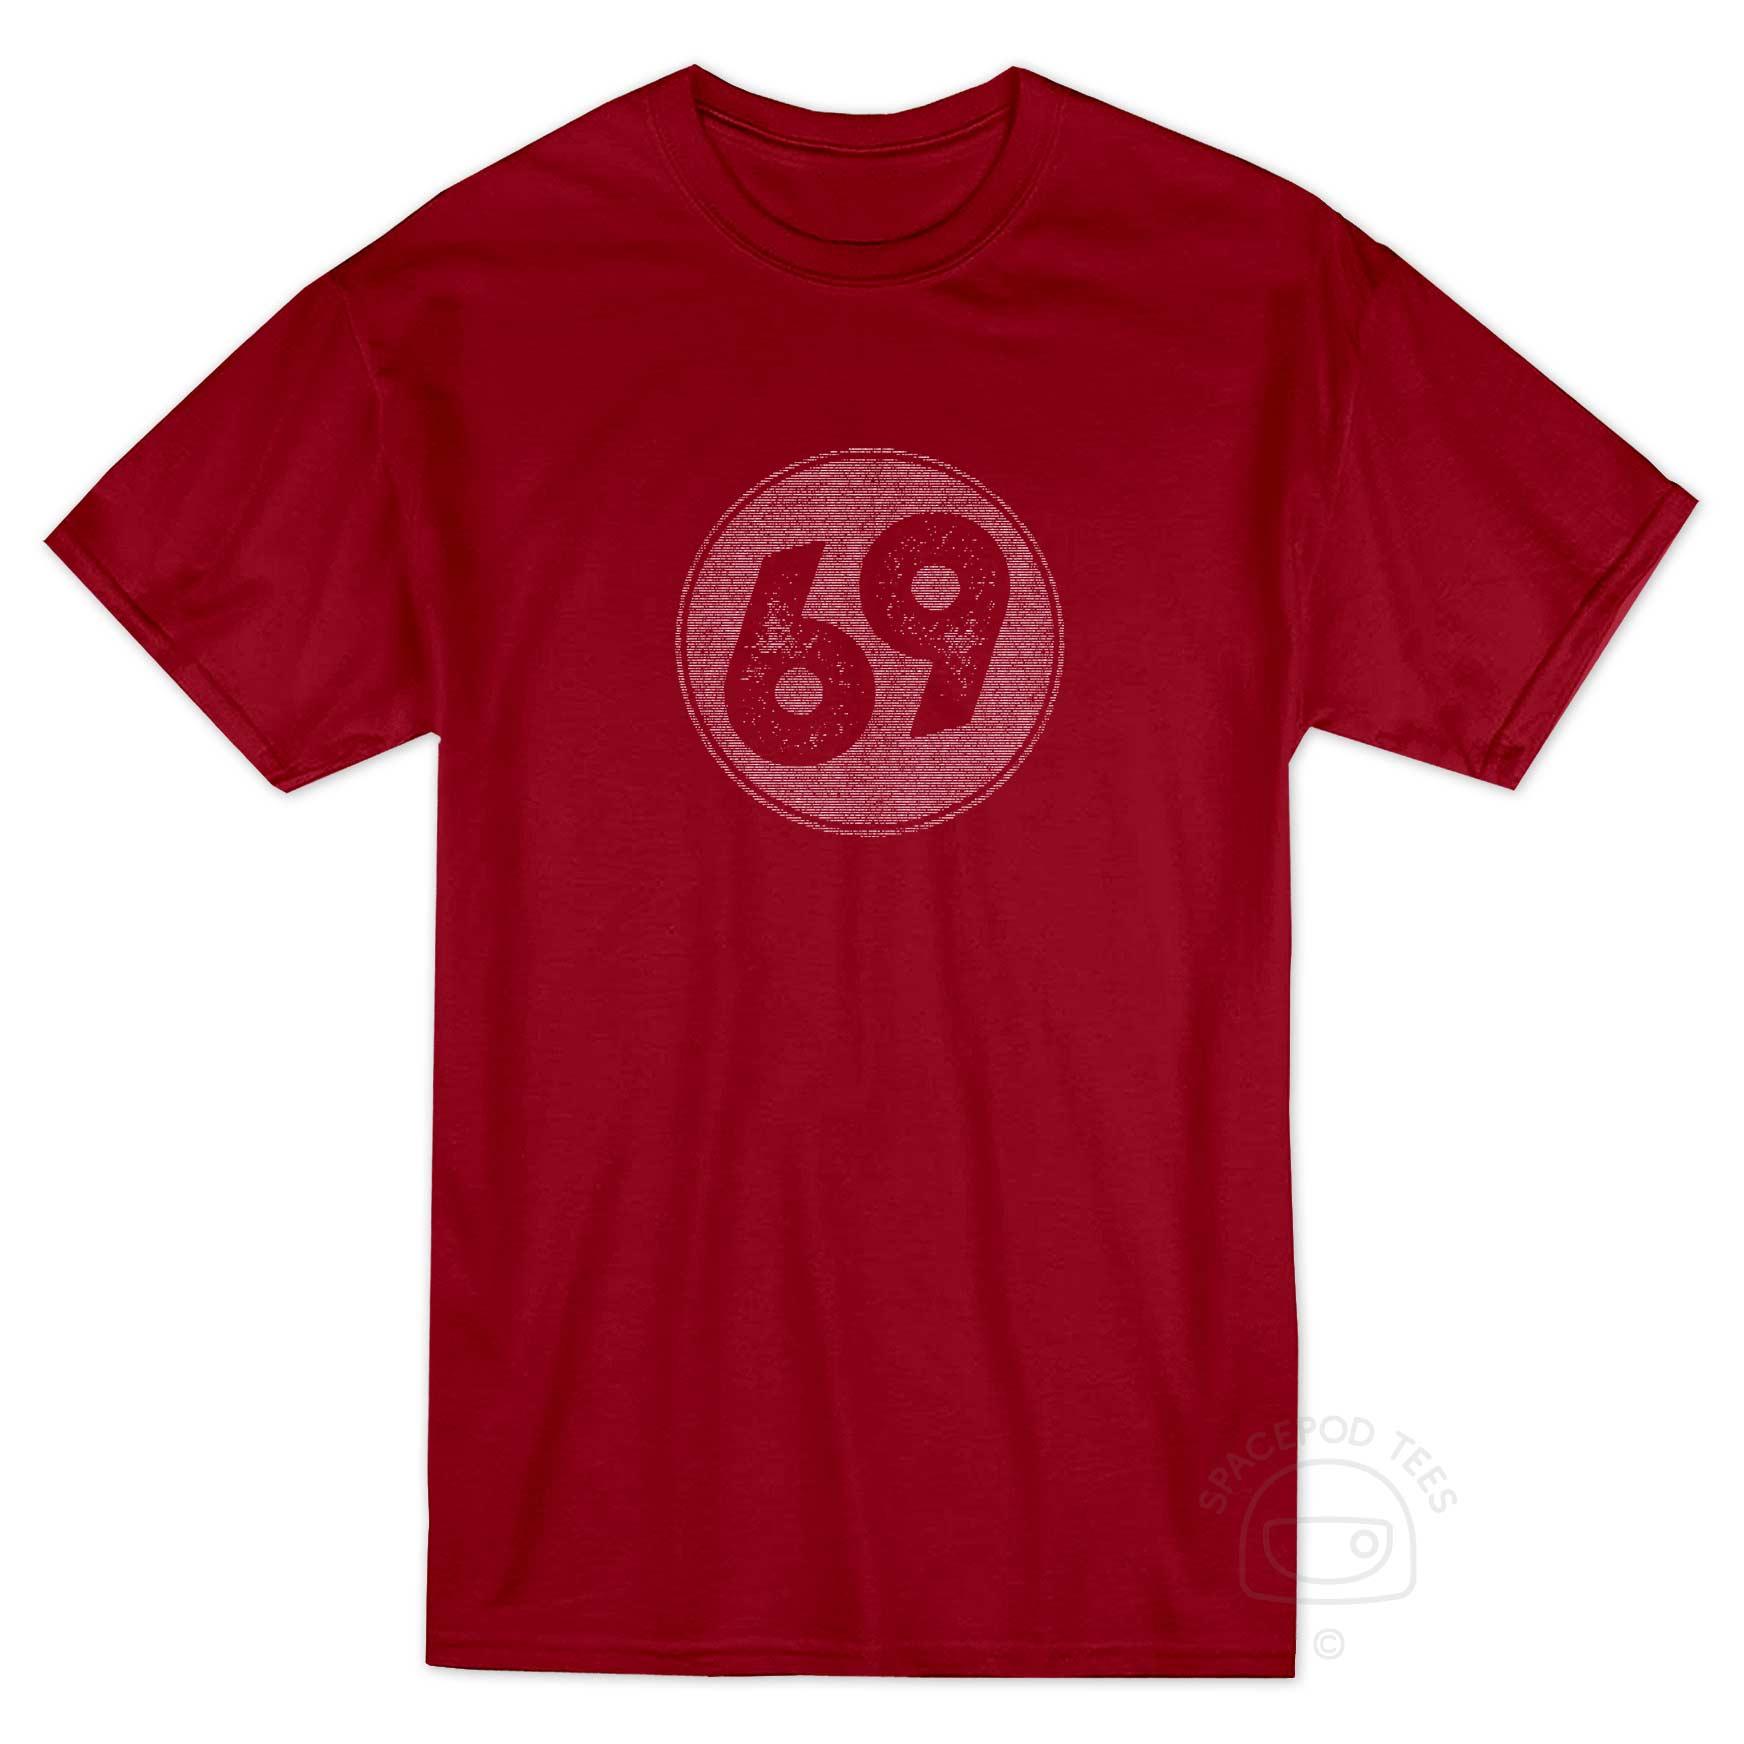 1969-birth-year-69-disc-tshirt